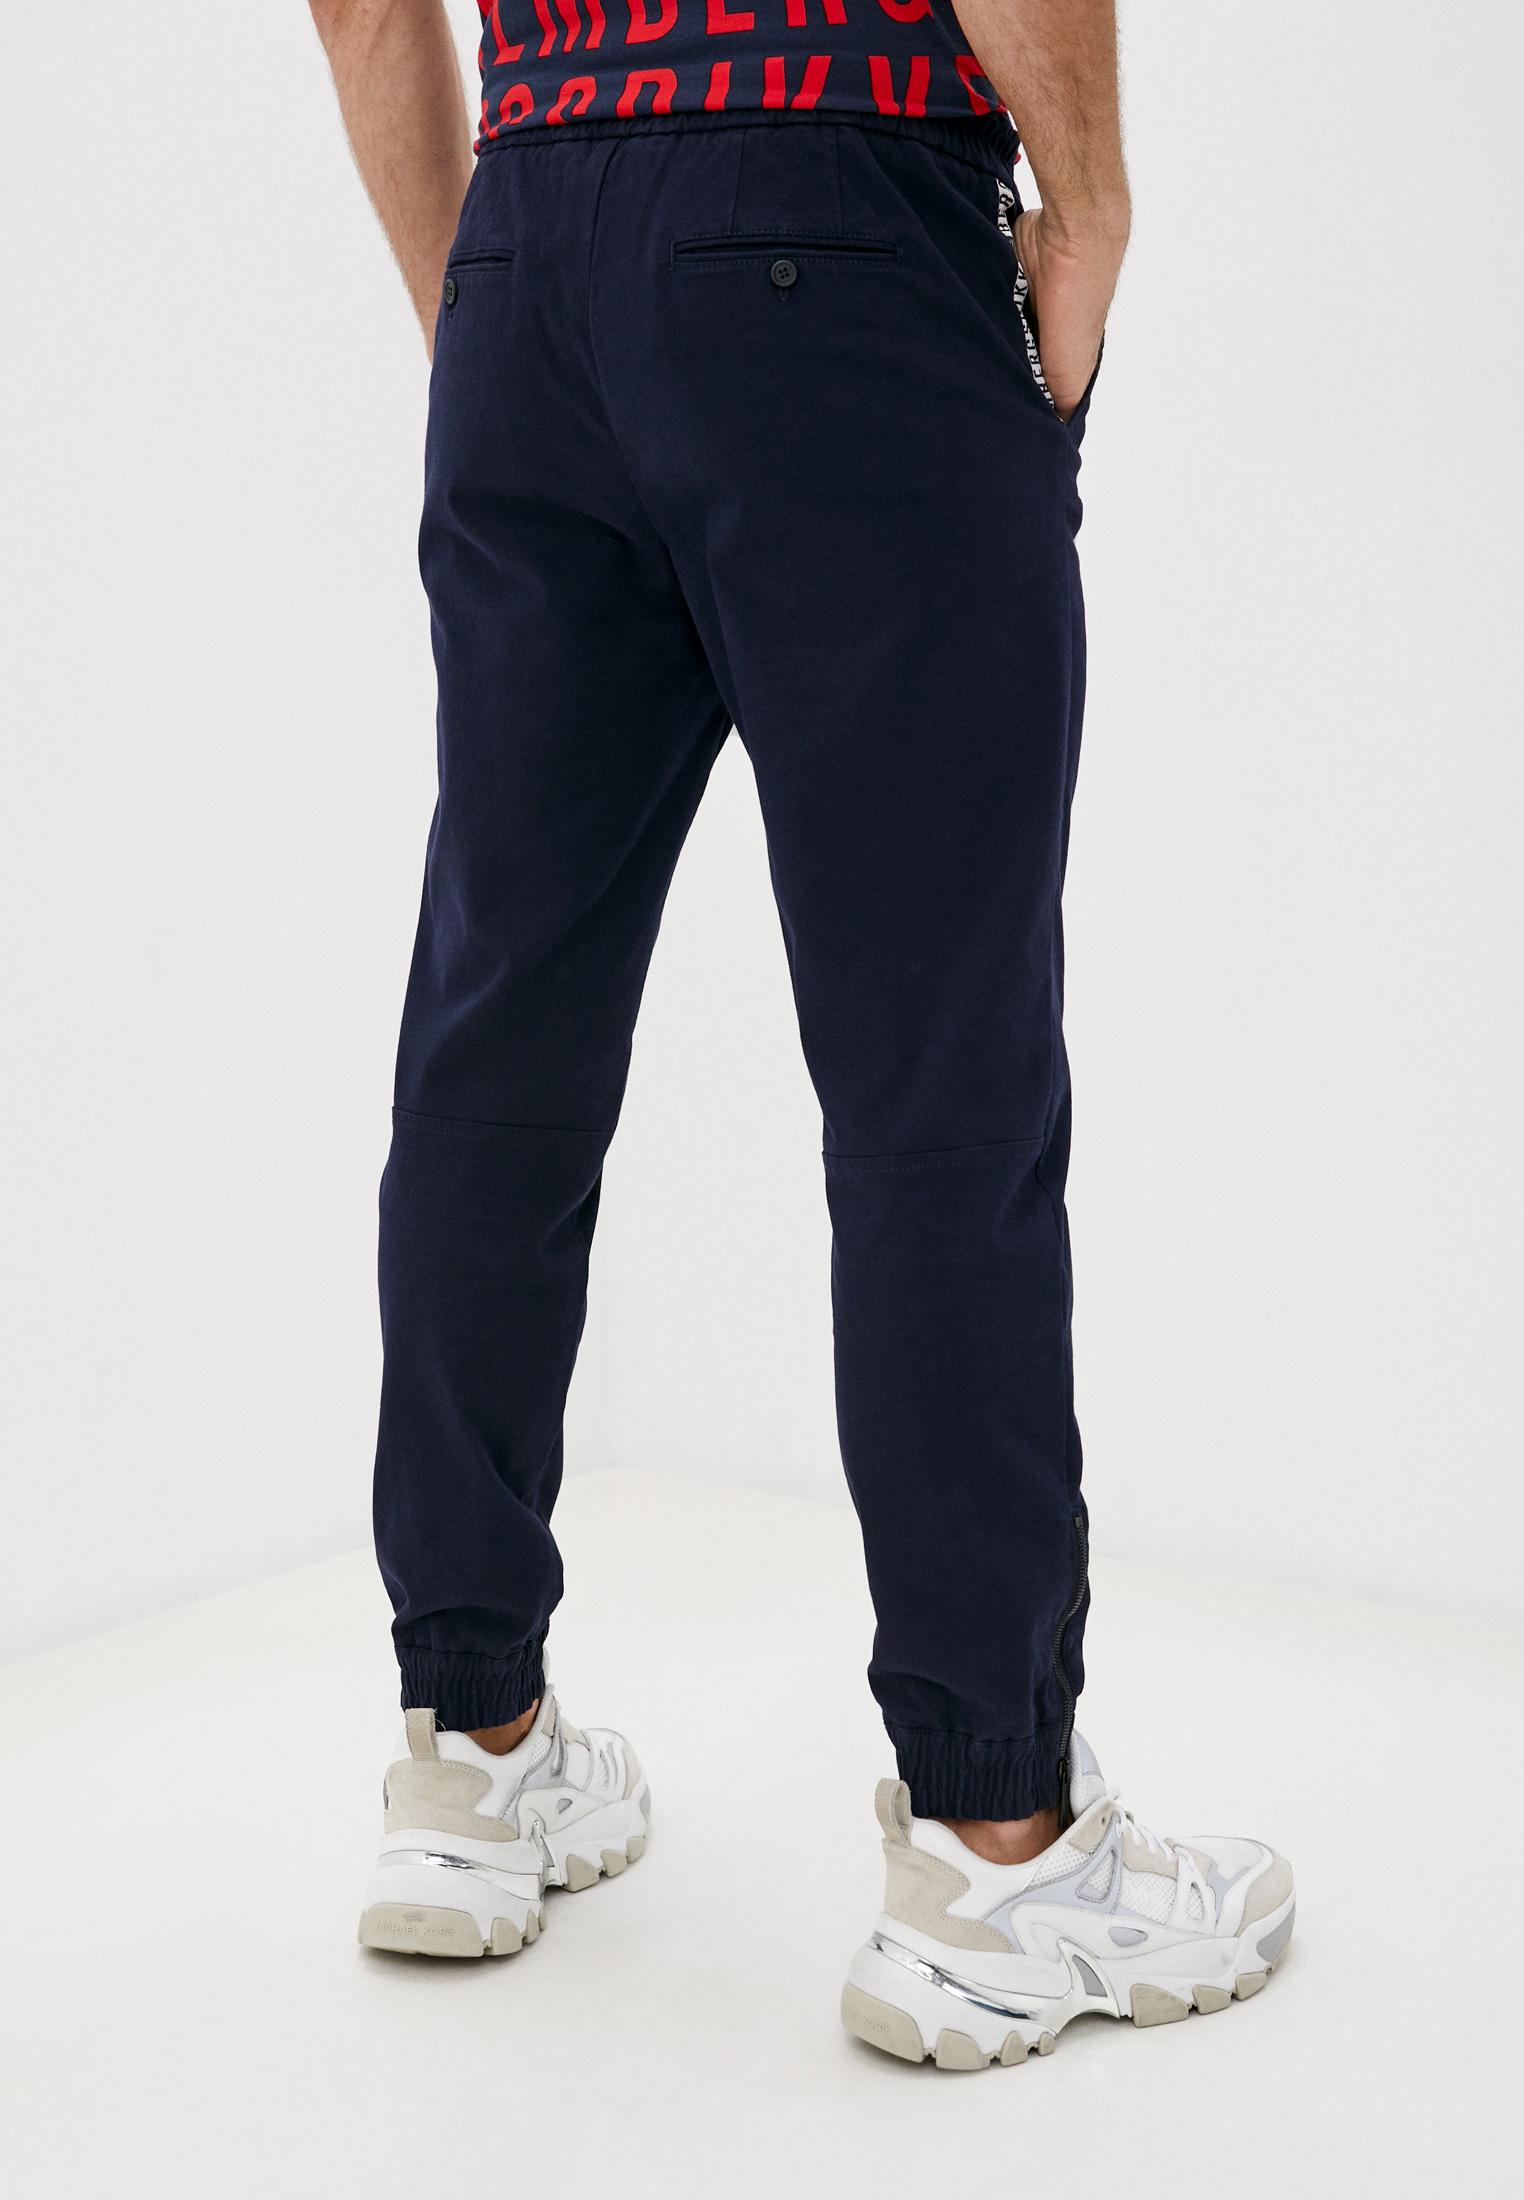 Мужские повседневные брюки Bikkembergs (Биккембергс) C P 039 00 S 3330: изображение 4